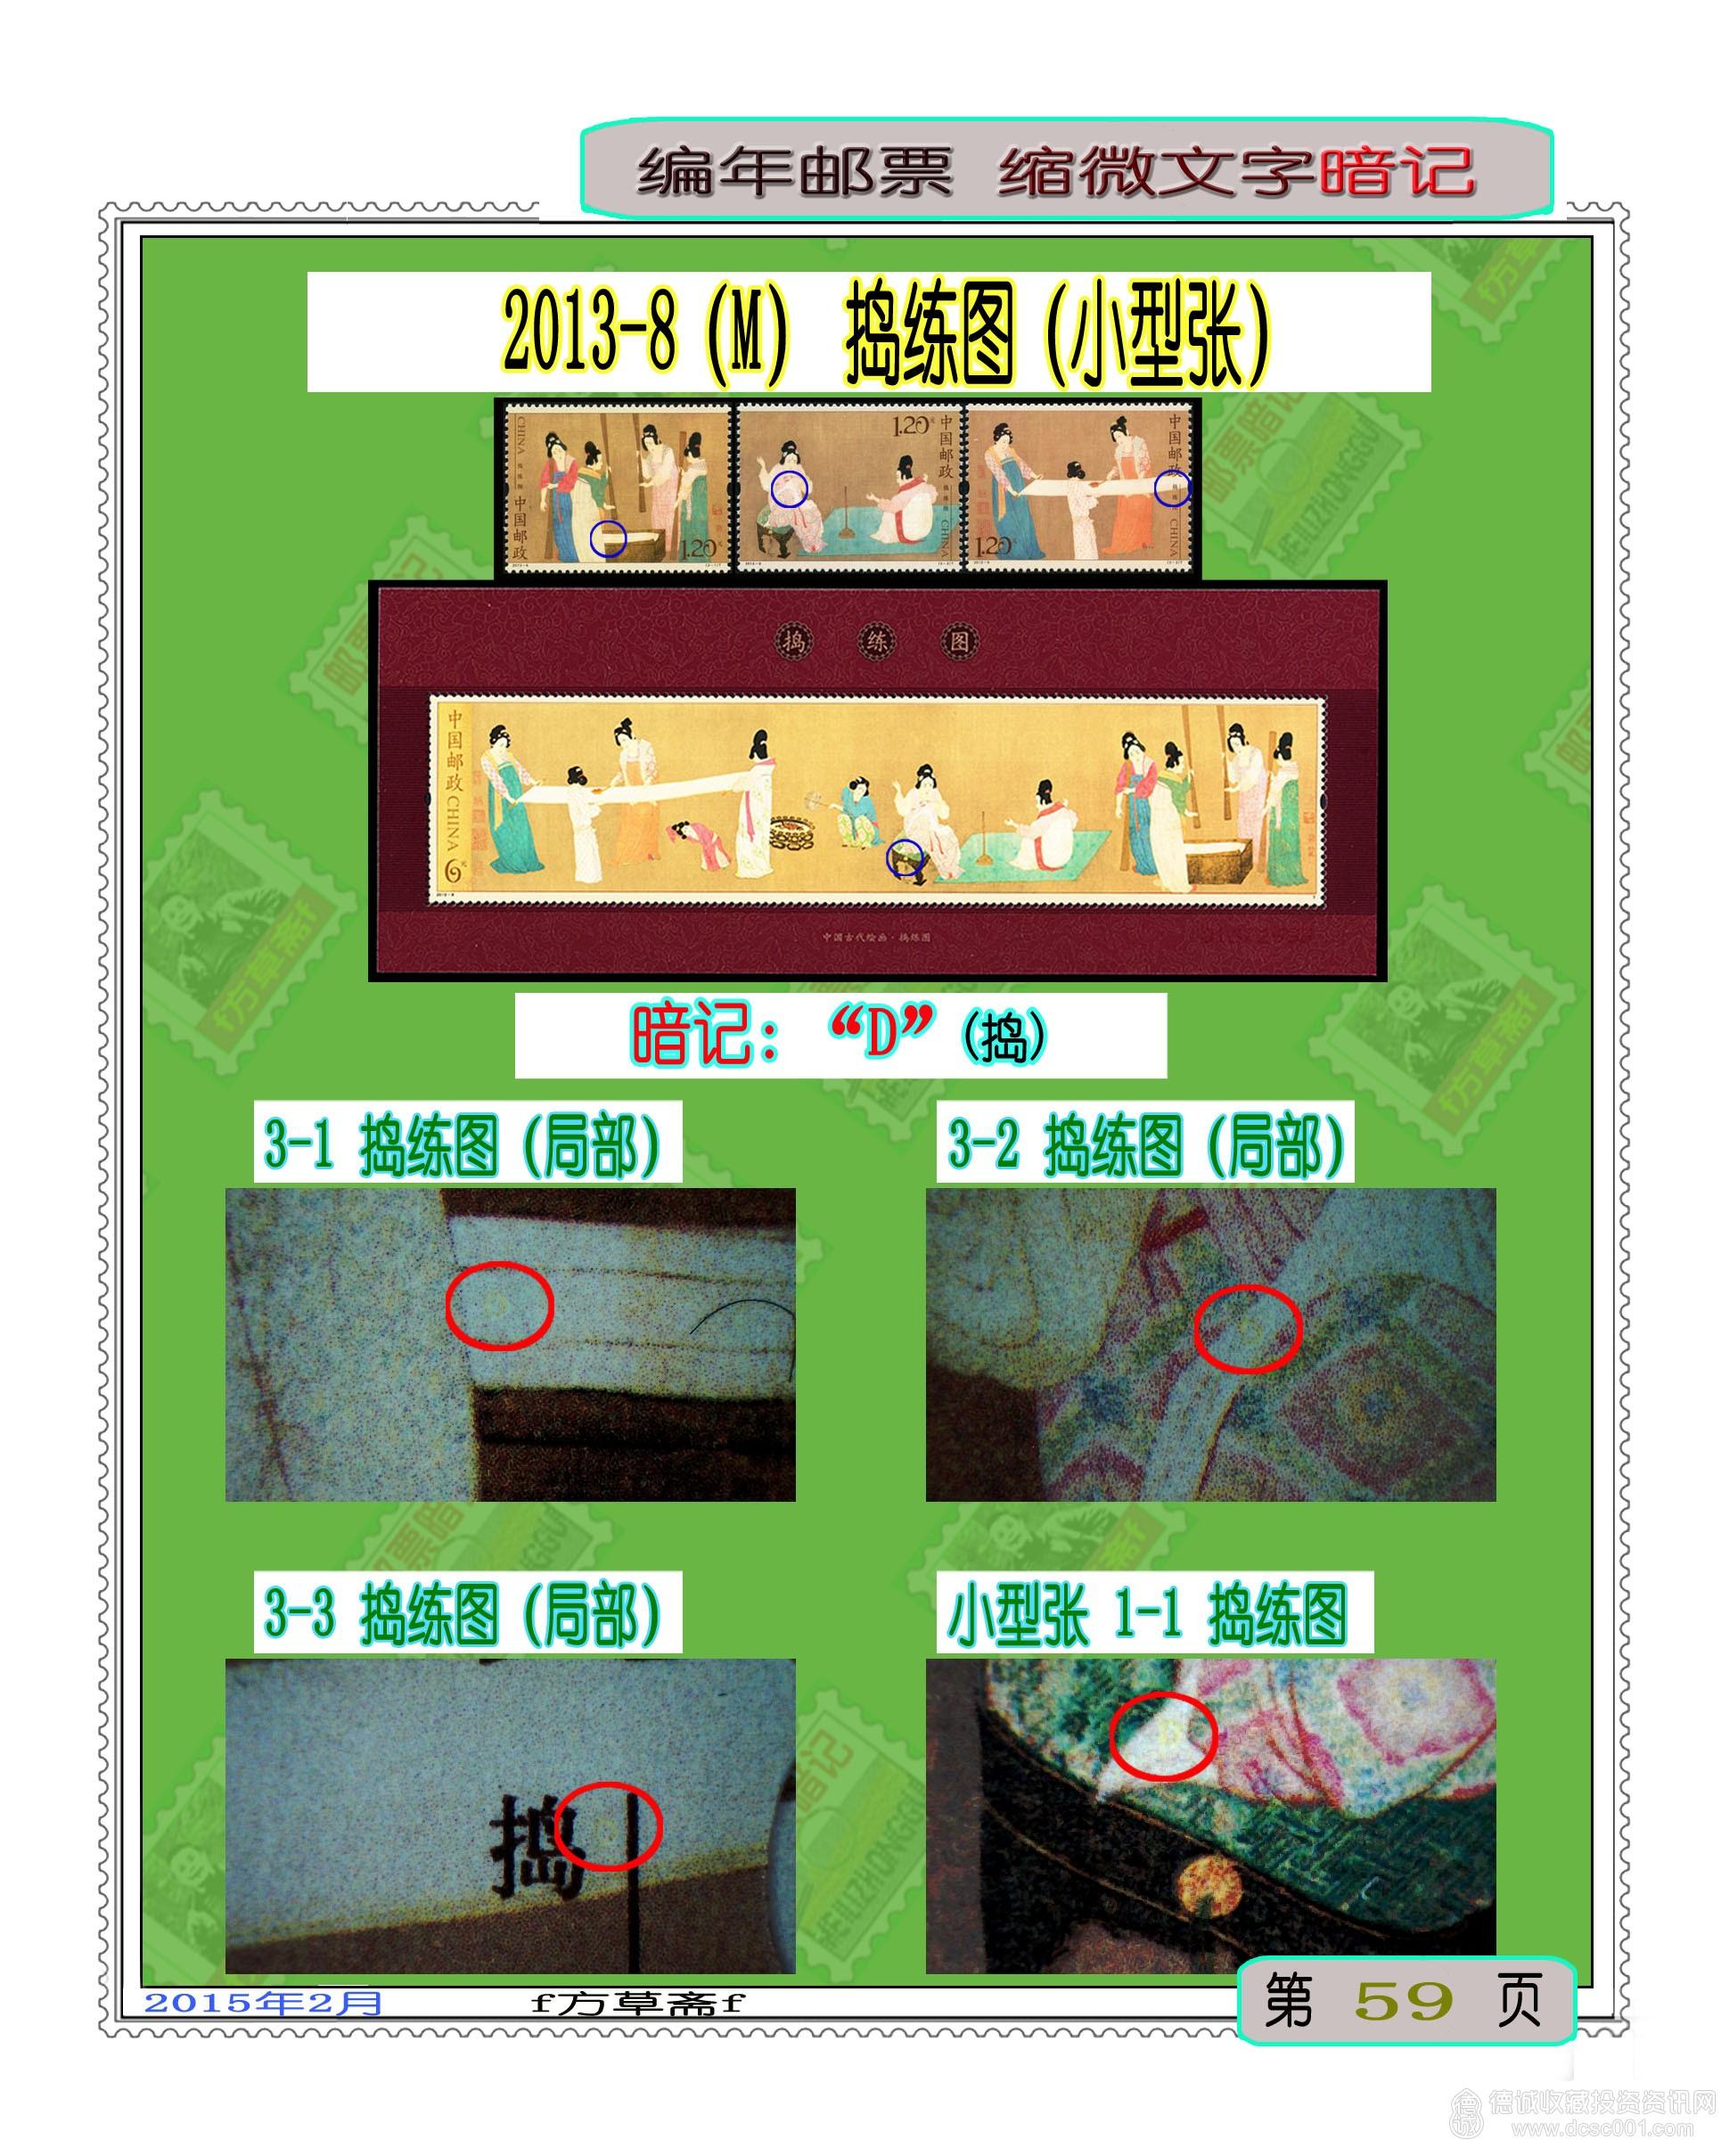 2013-8捣练图.jpg